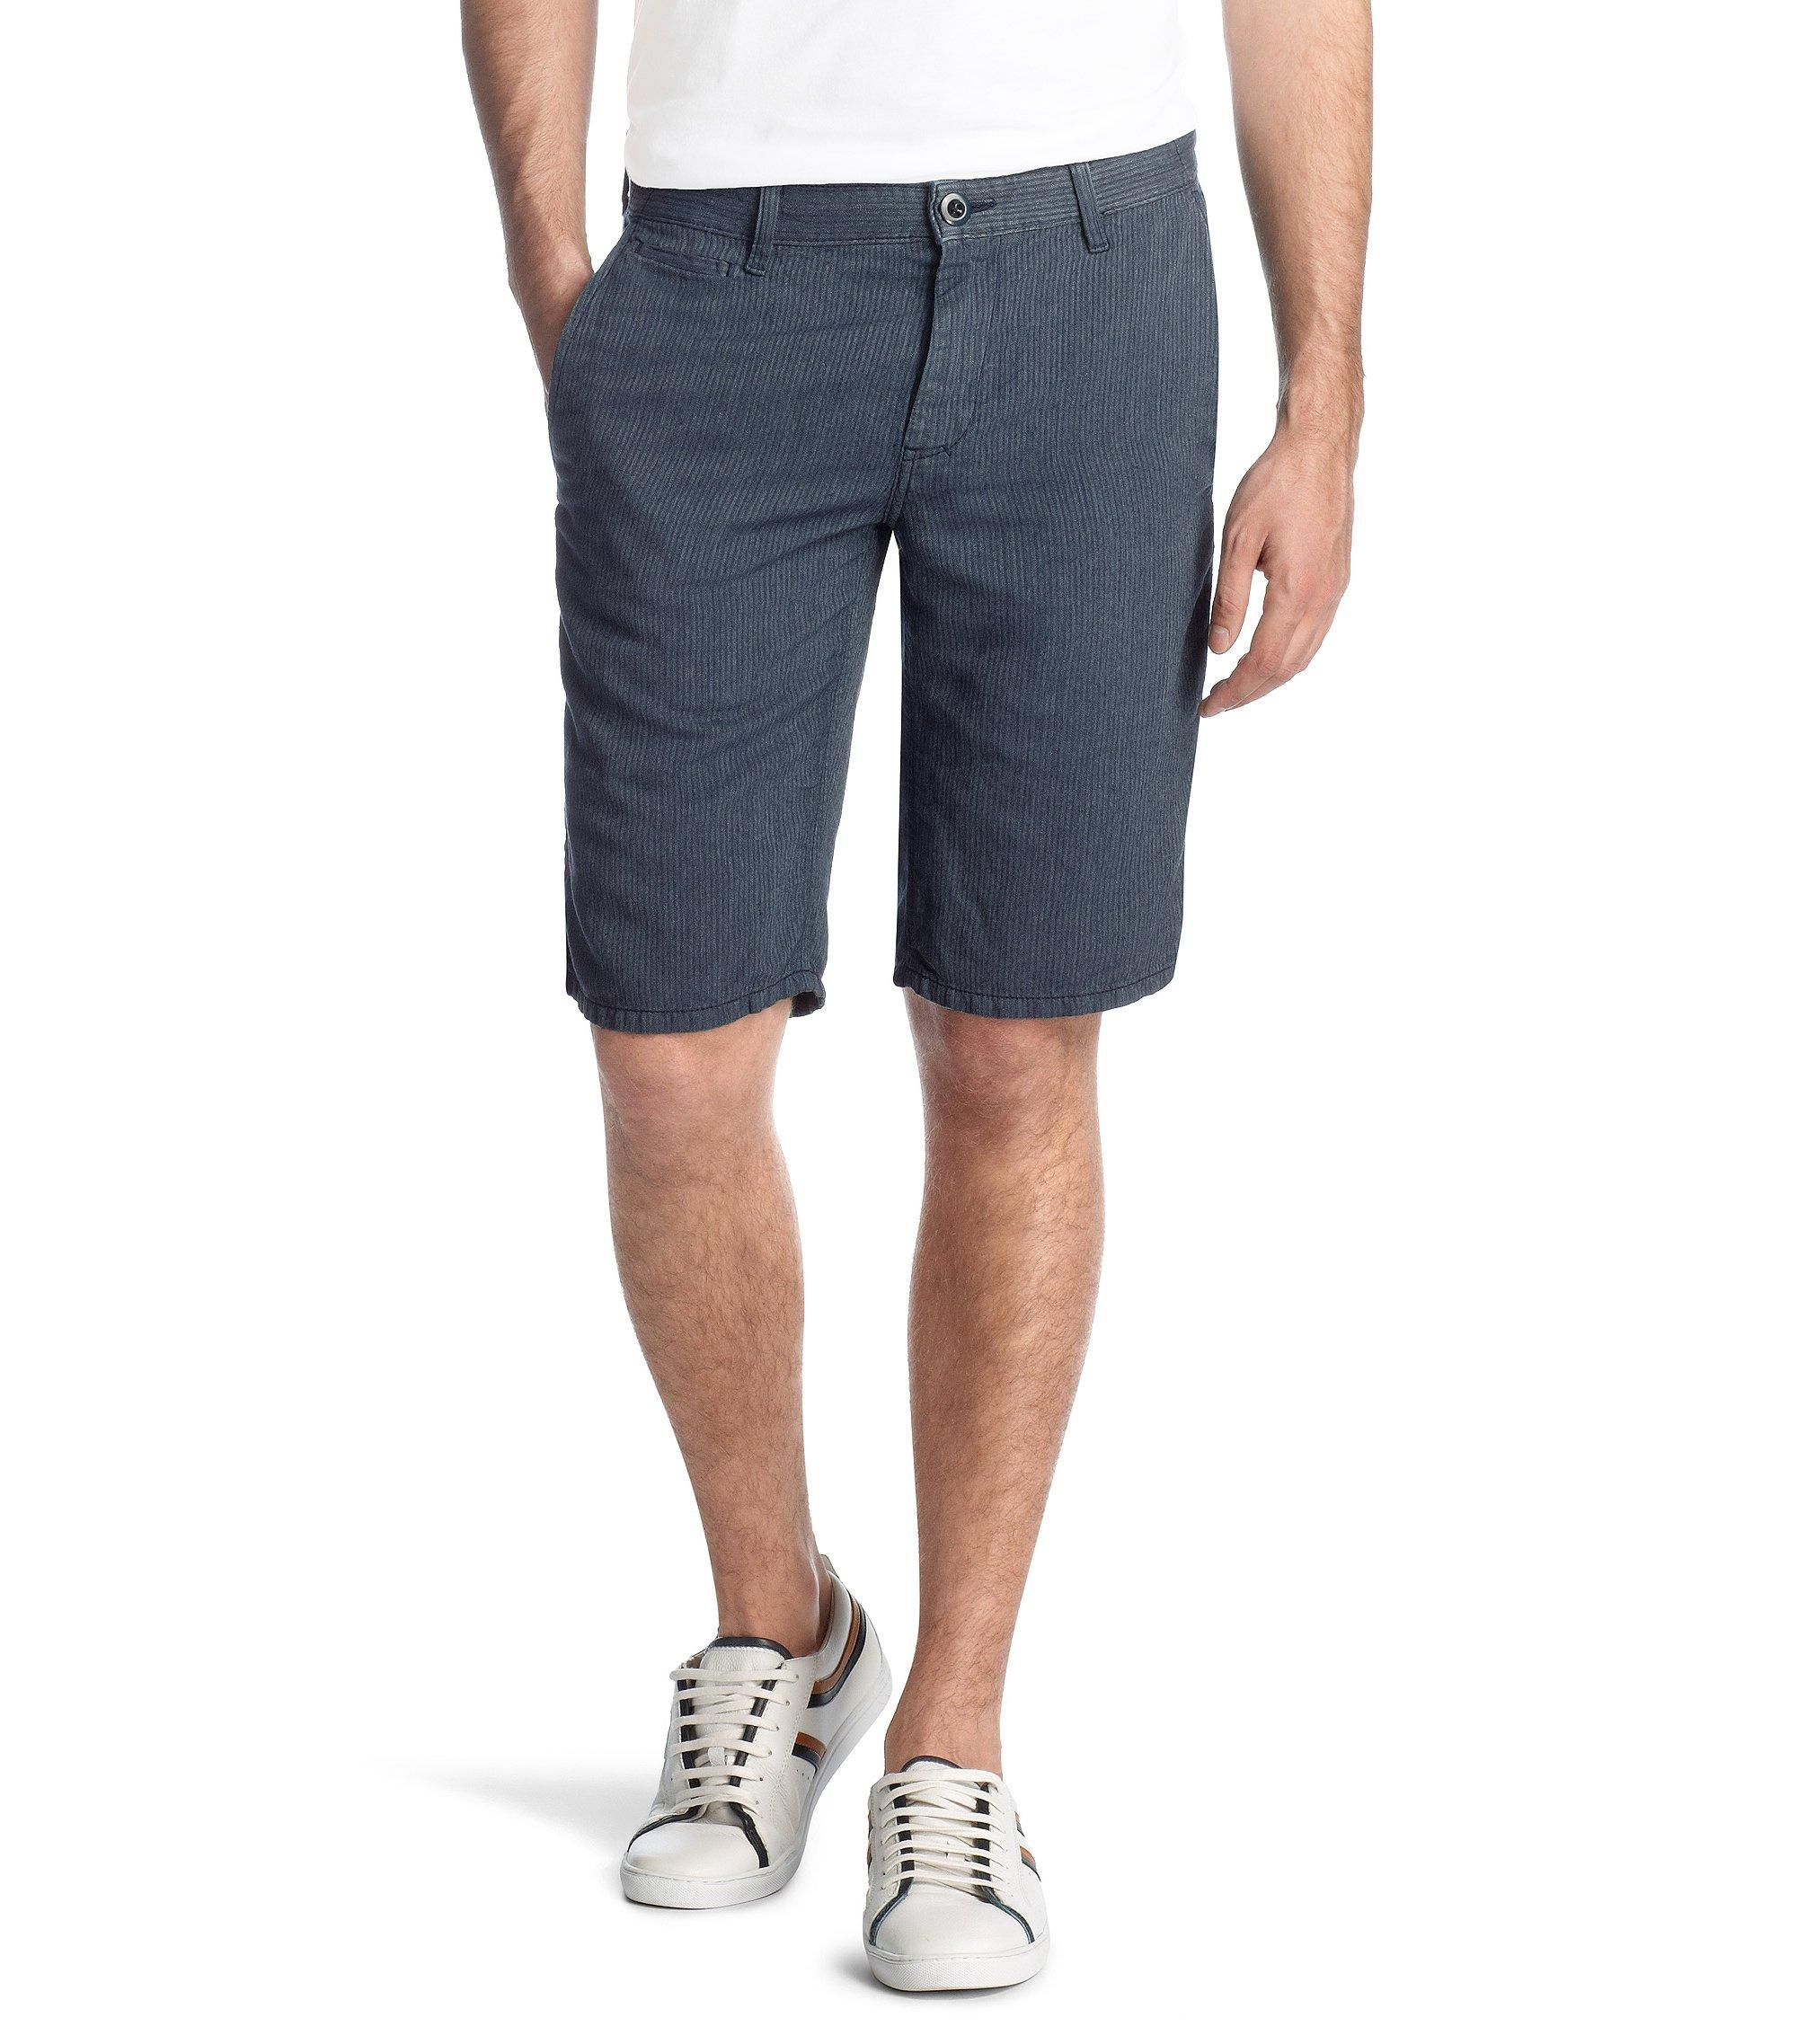 Shorts ´Shure-Shorts-D` im 5-Pocket Stil, Dunkelblau